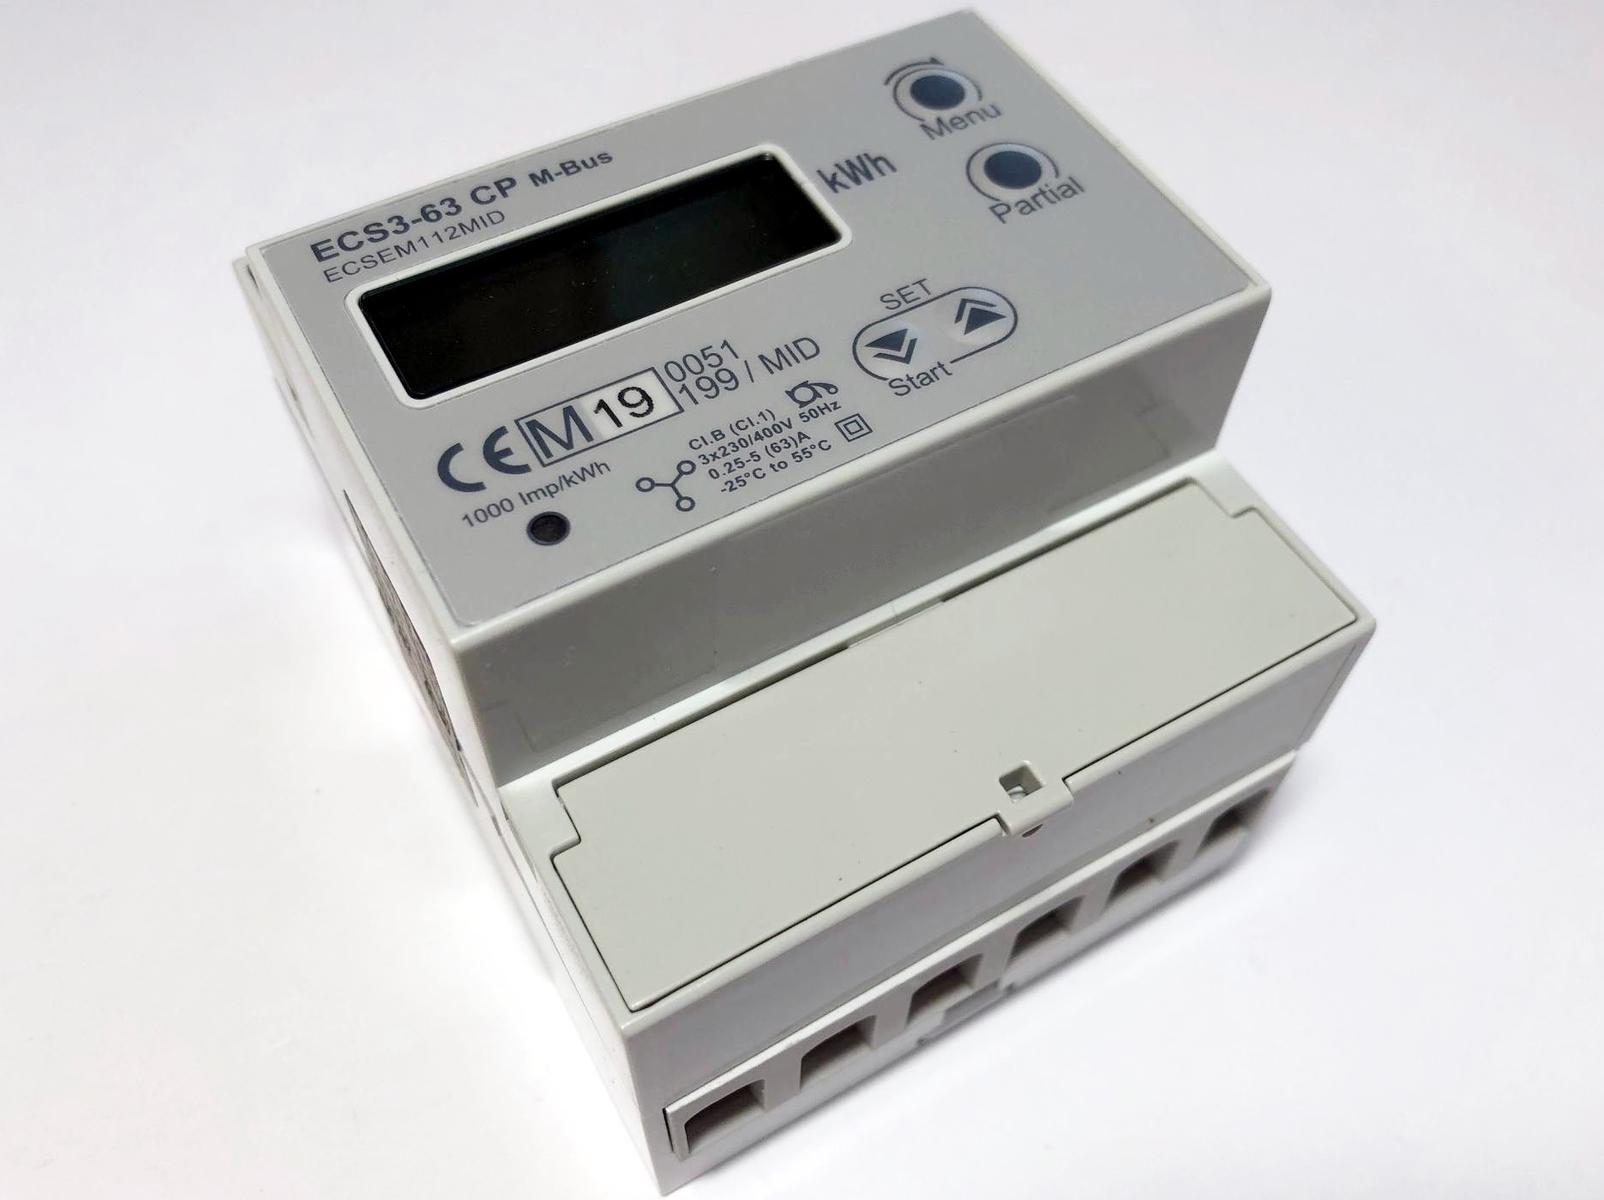 Moodulelektriarvesti 3-faasiline 2-tariifne 0,25-5(63) A, ECS3-63 CP M-Bus, Herholdt Controls, ECSEM112MID